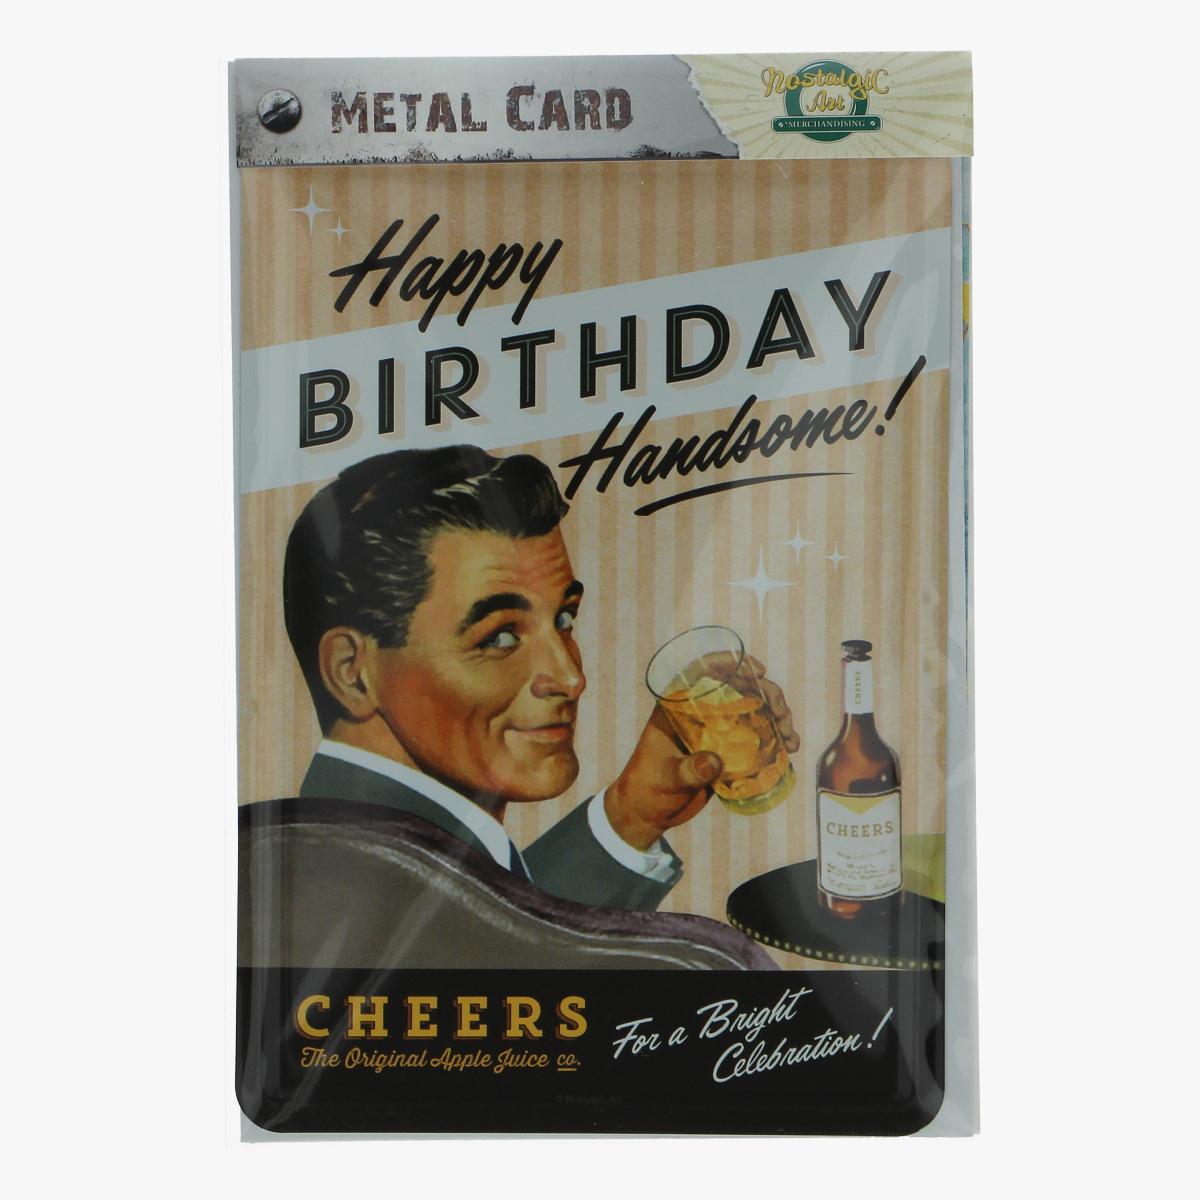 Afbeeldingen van metal card happy birthday handsome!